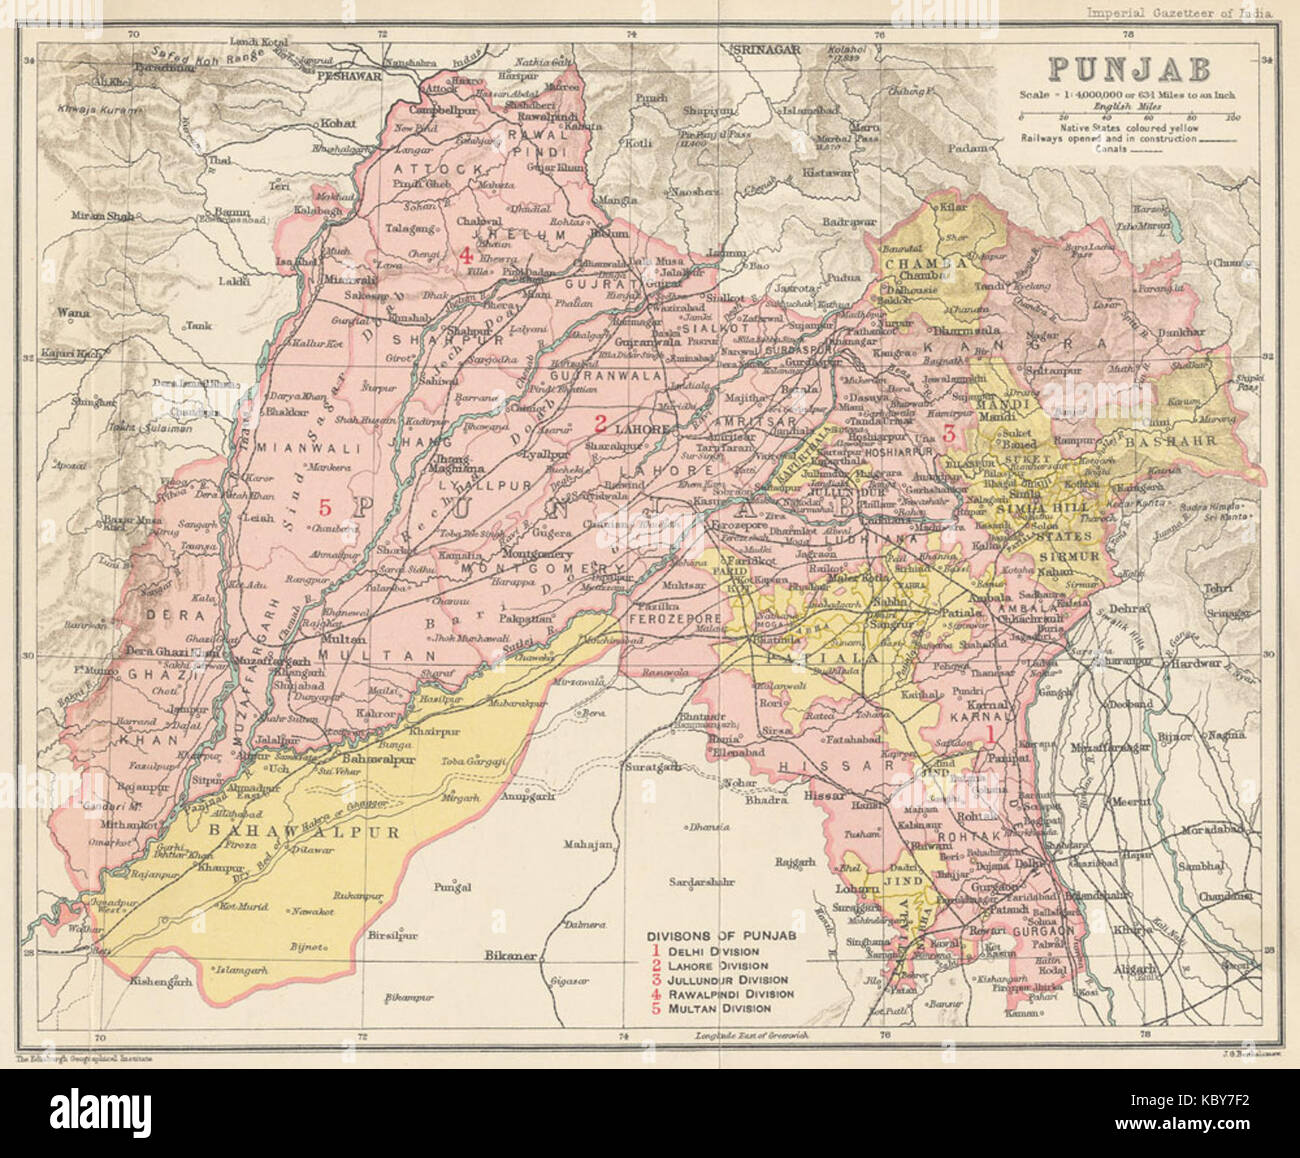 Map Of Punjab Stock Photos & Map Of Punjab Stock Images - Alamy